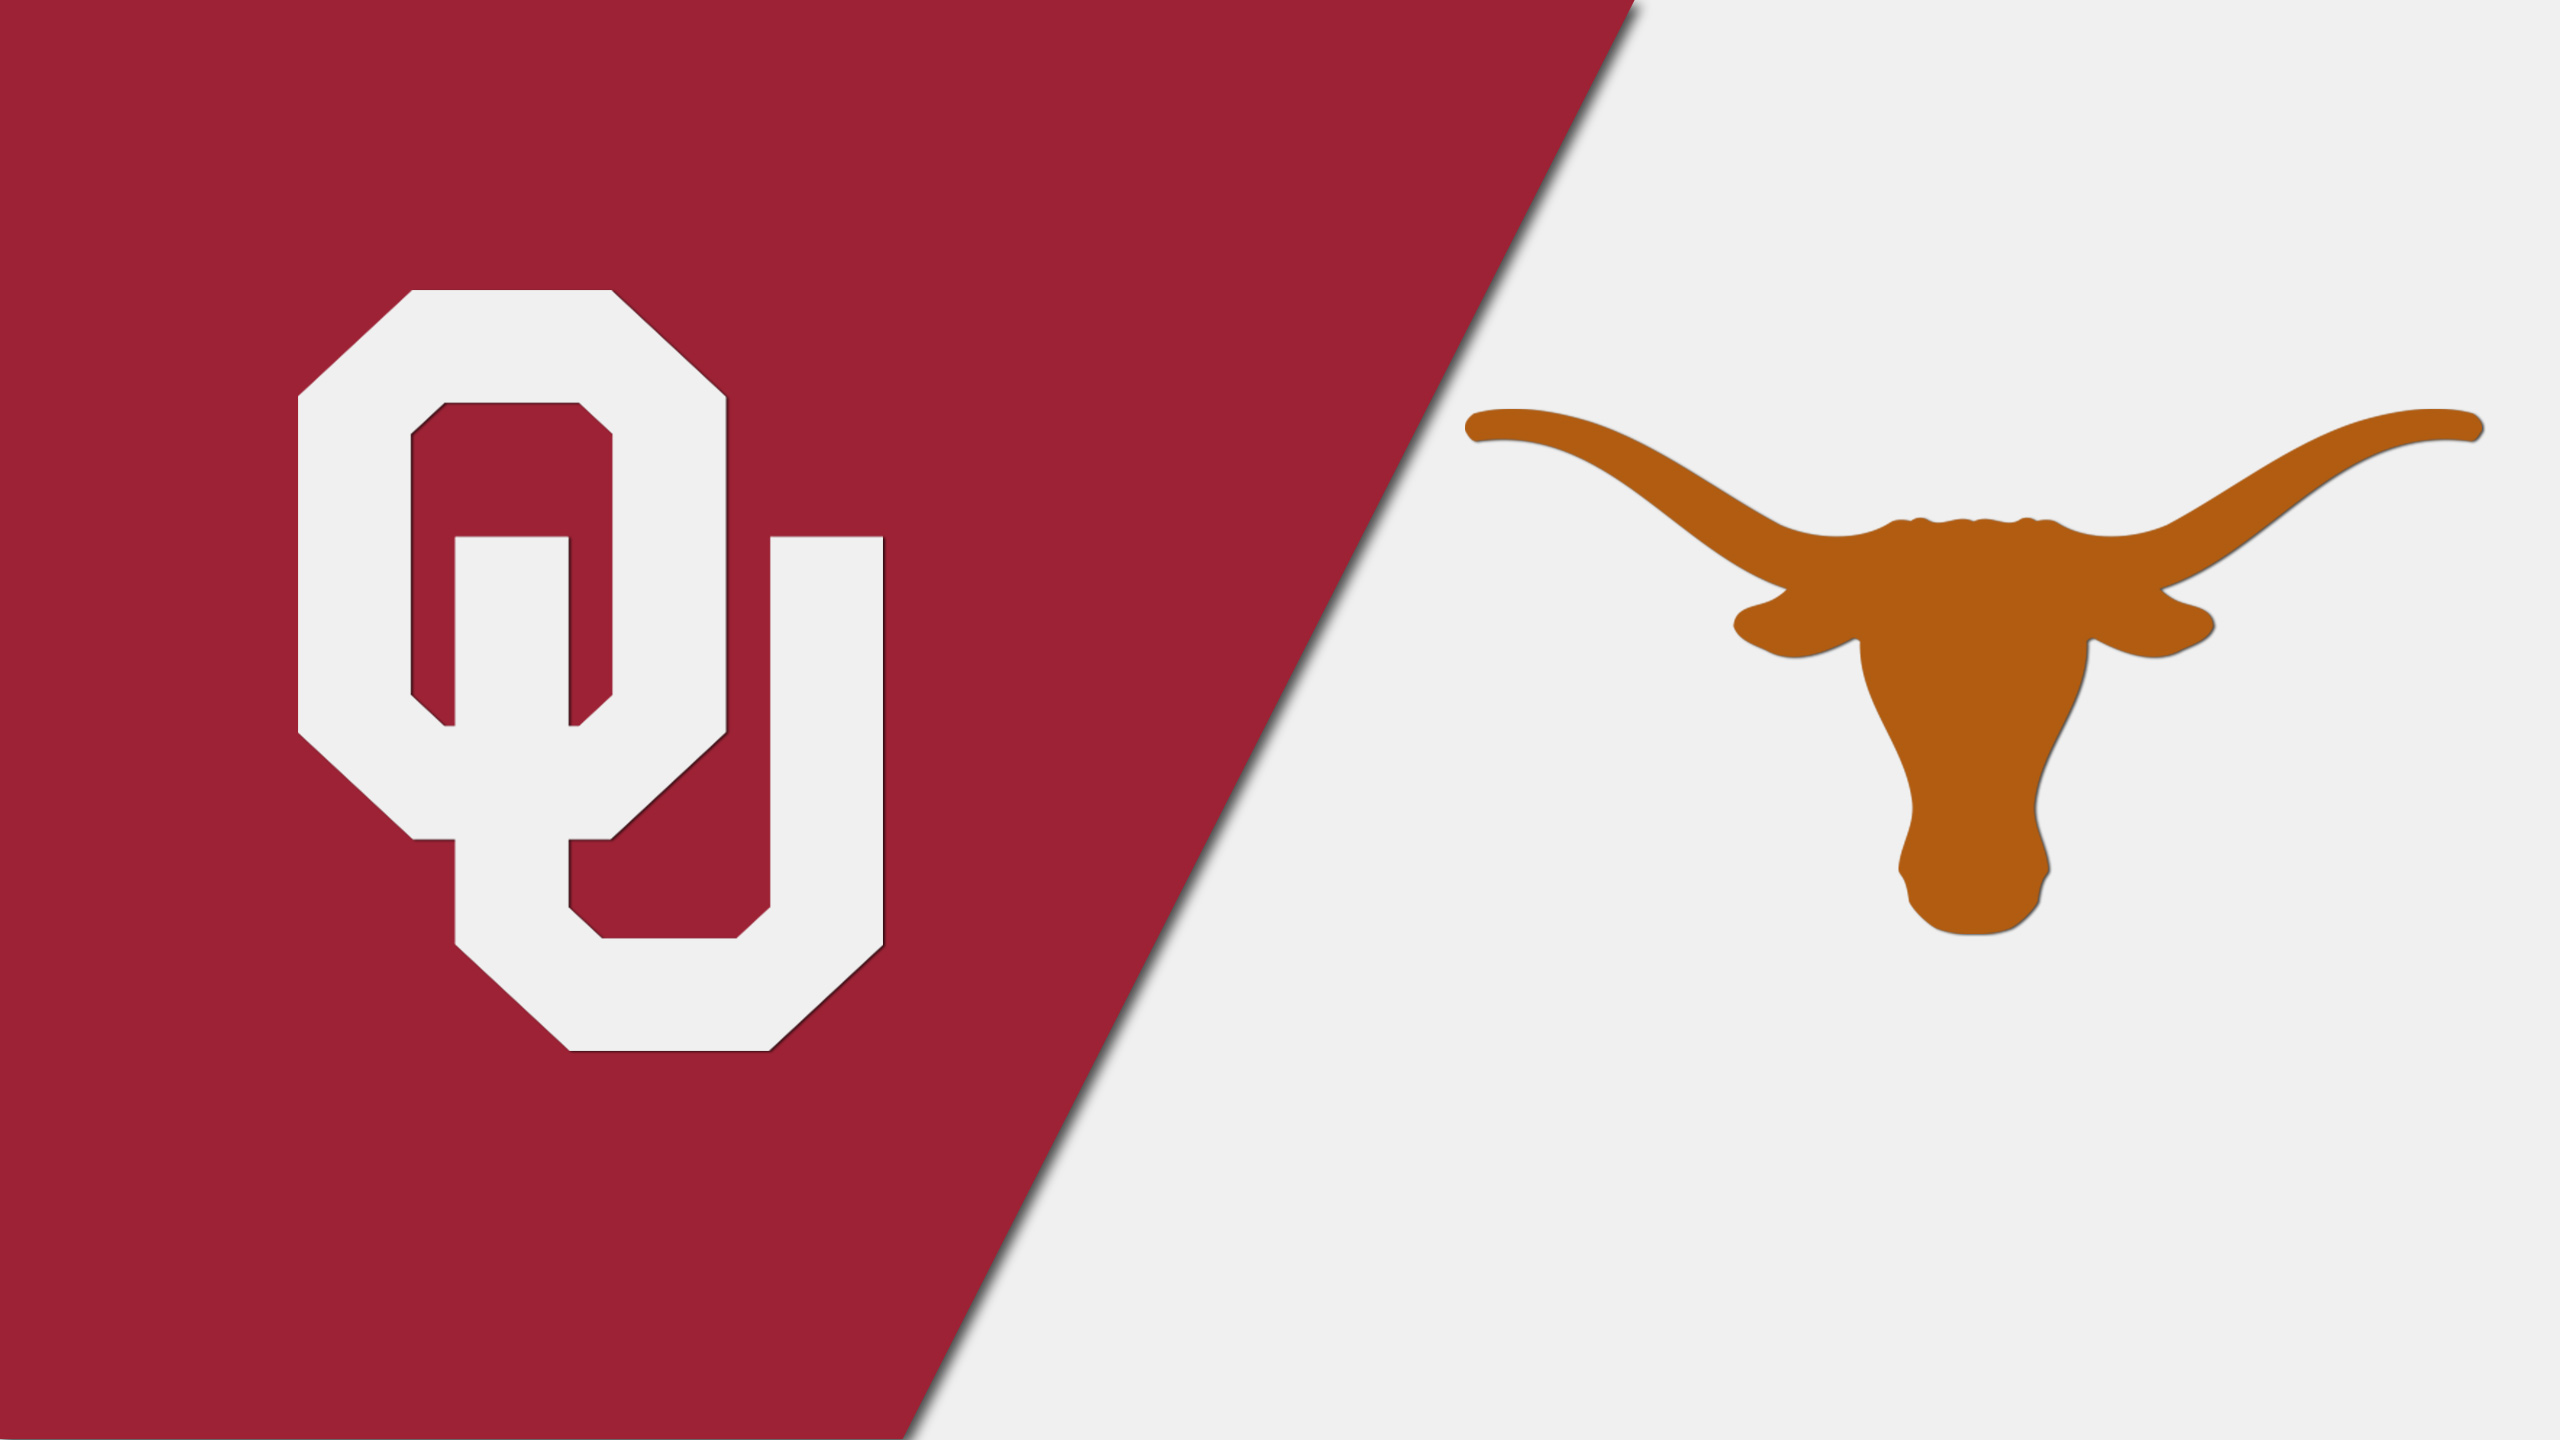 #1 Oklahoma vs. #10 Texas (Softball) (re-air)